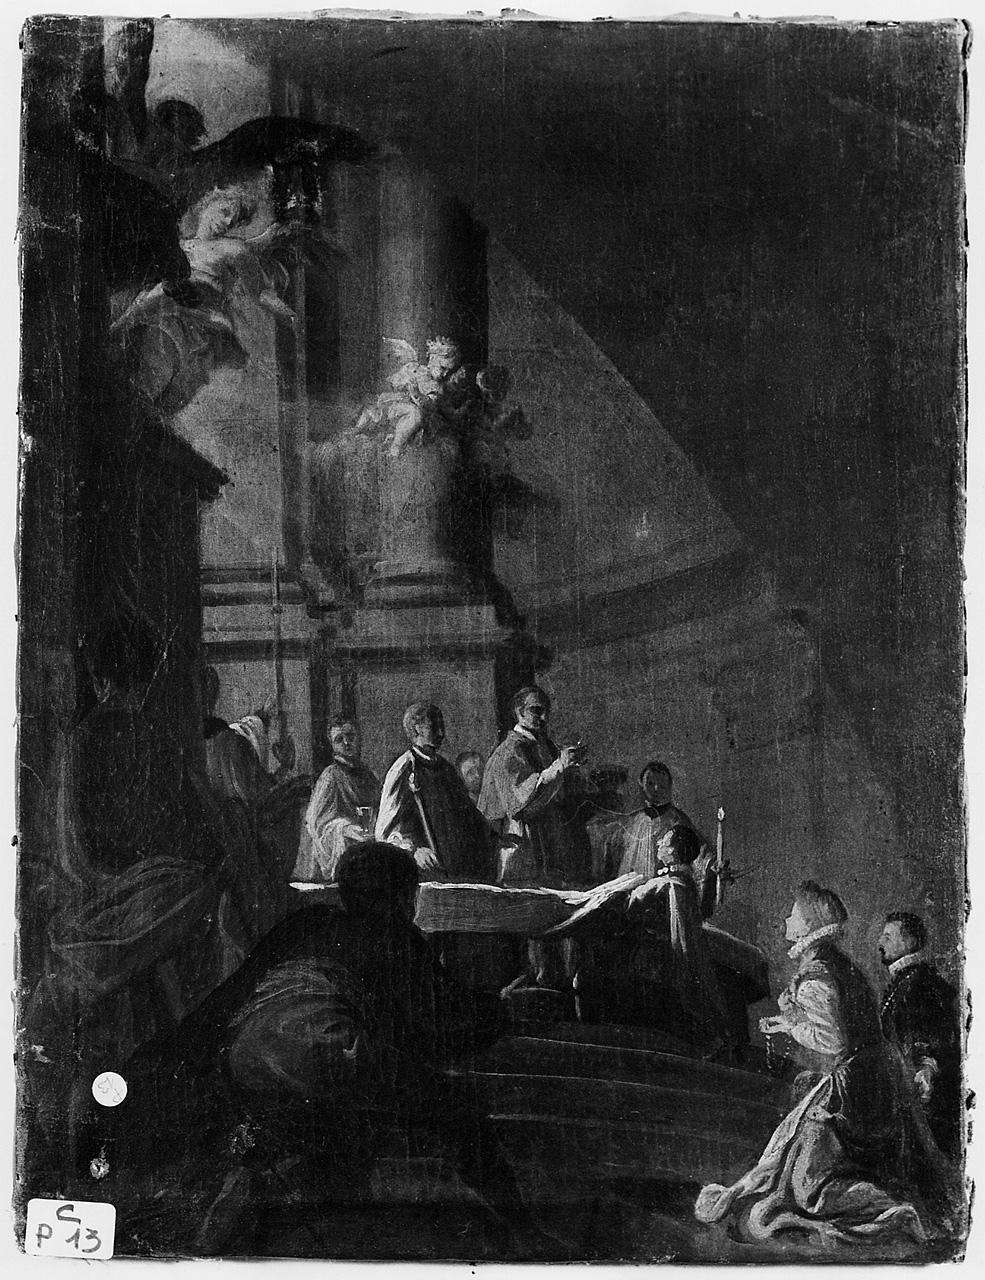 celebrazione eucaristica in chiesa (dipinto) - ambito romano (sec. XVII, seconda metà)